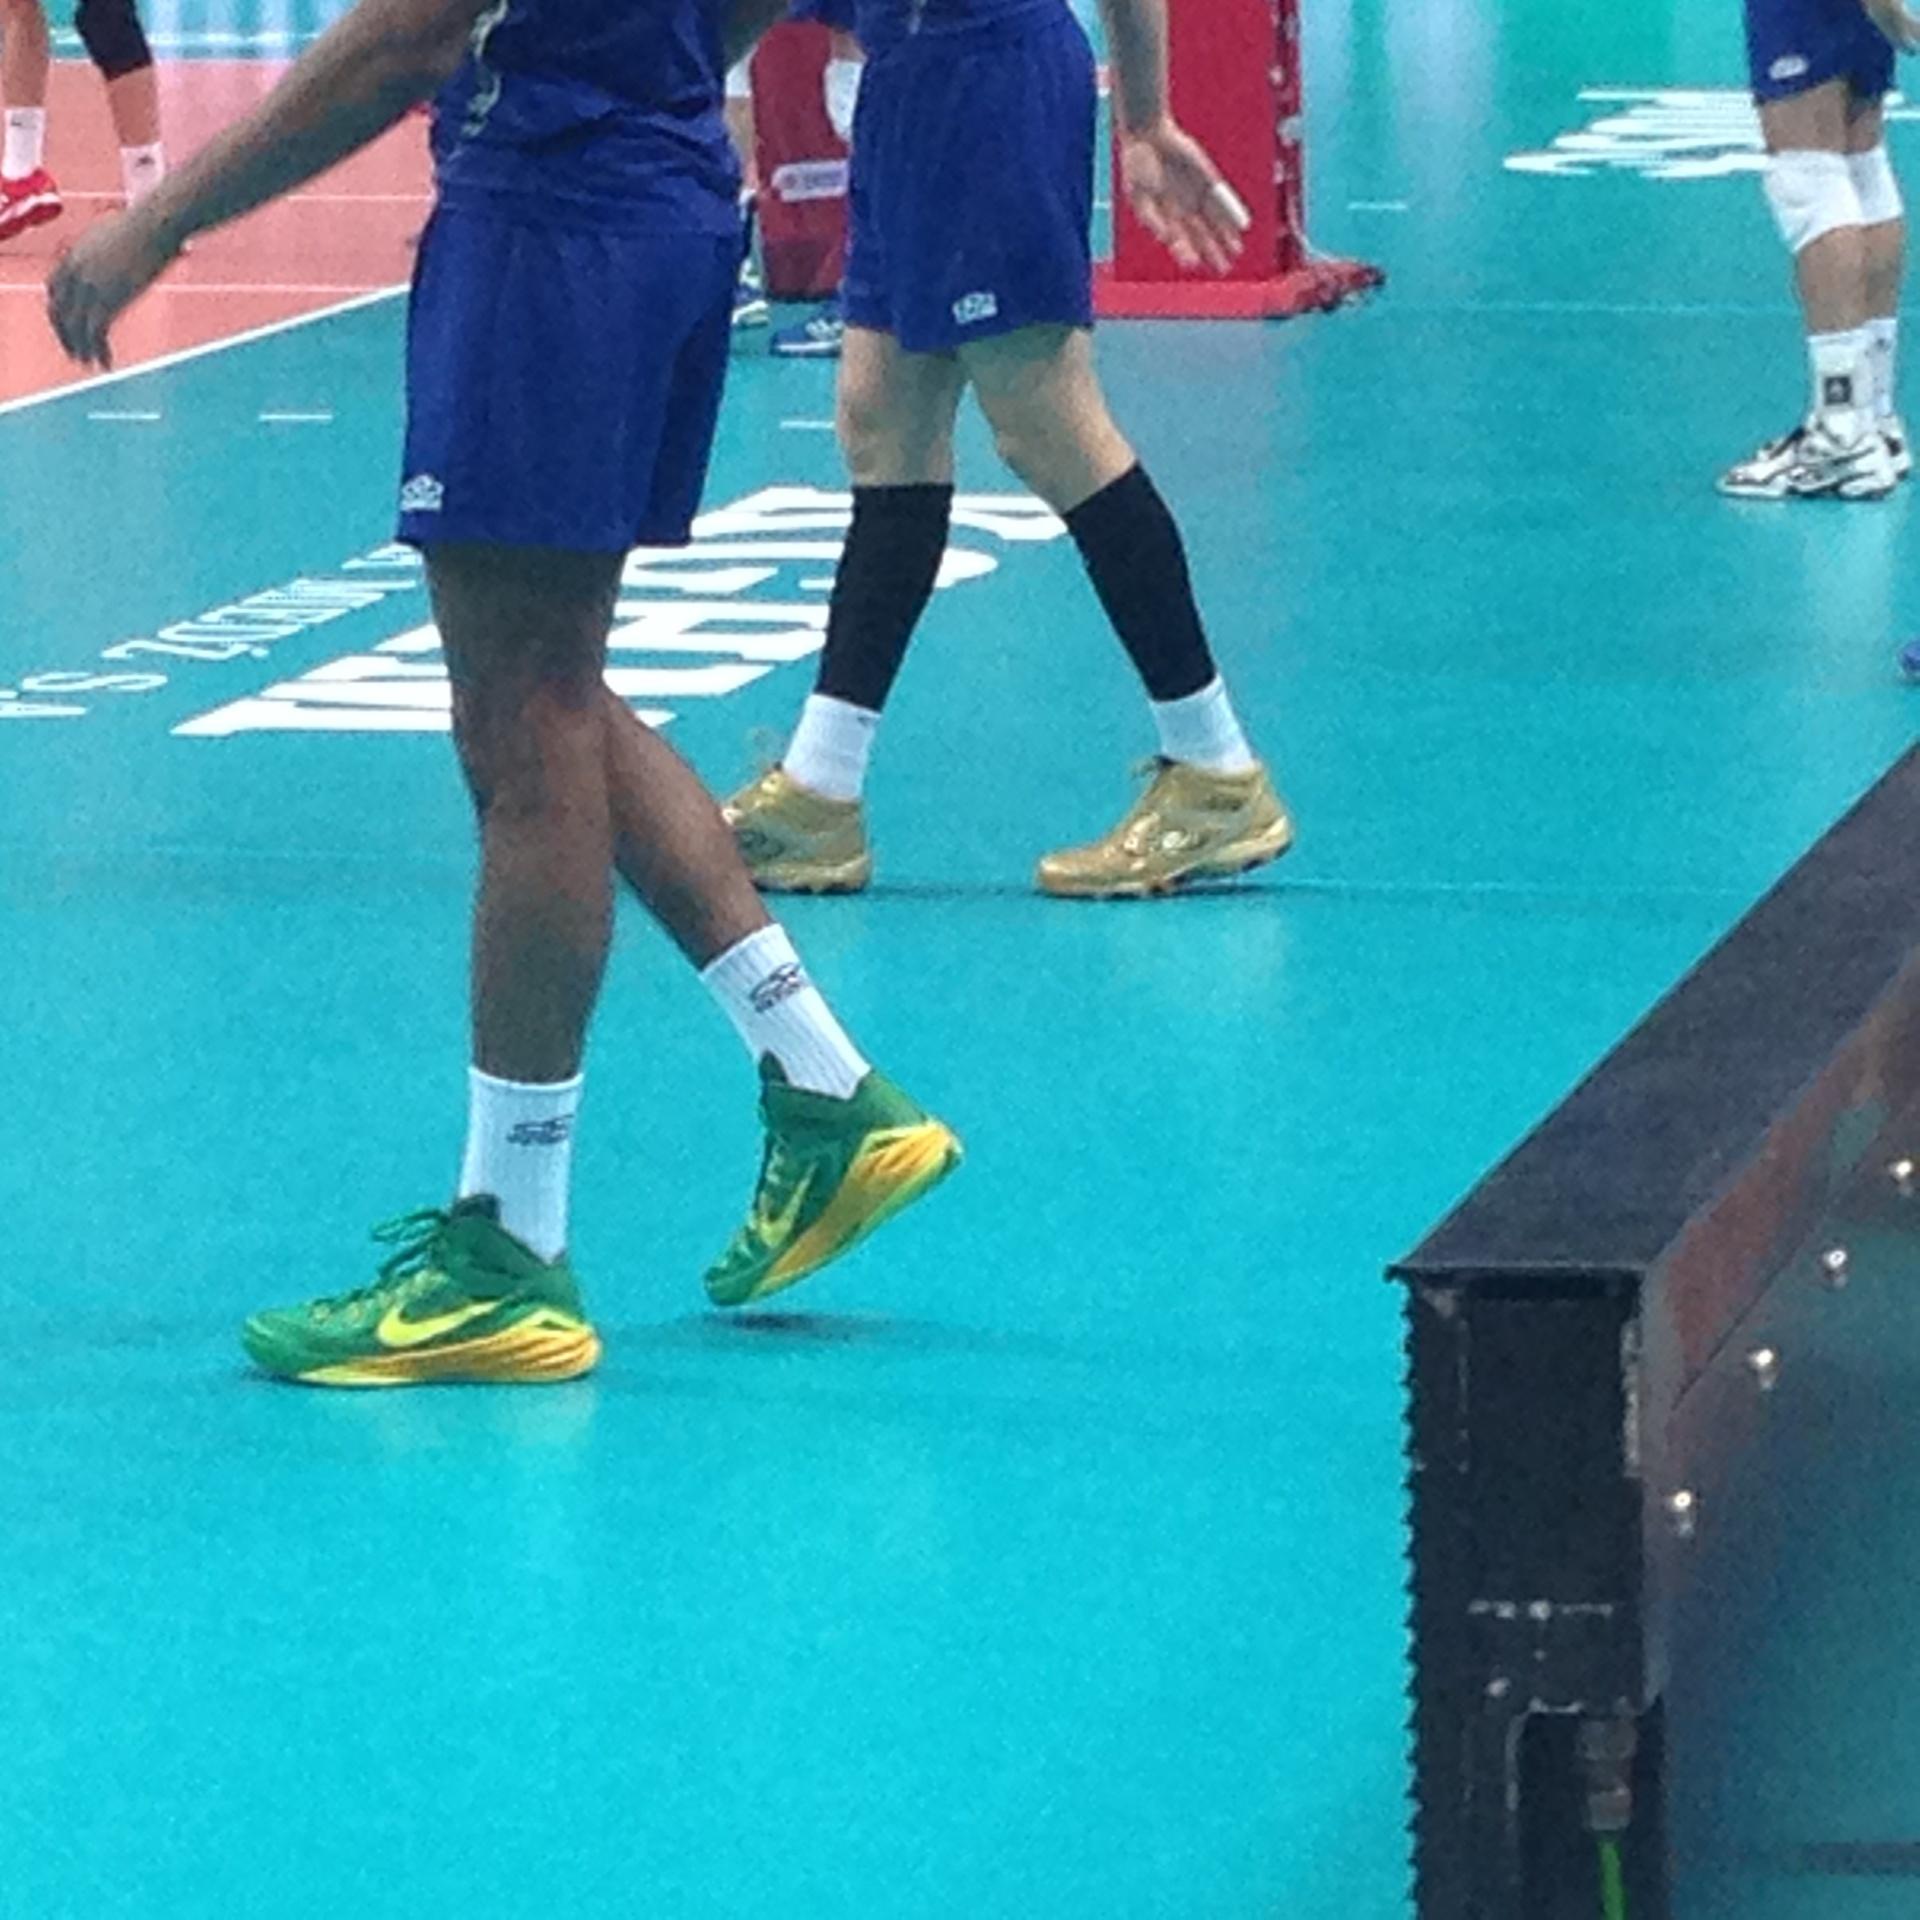 Craque do Brasil no Mundial de vôlei usa tênis de basquete para jogar -  15 09 2014 - UOL Esporte 9f86229fef336